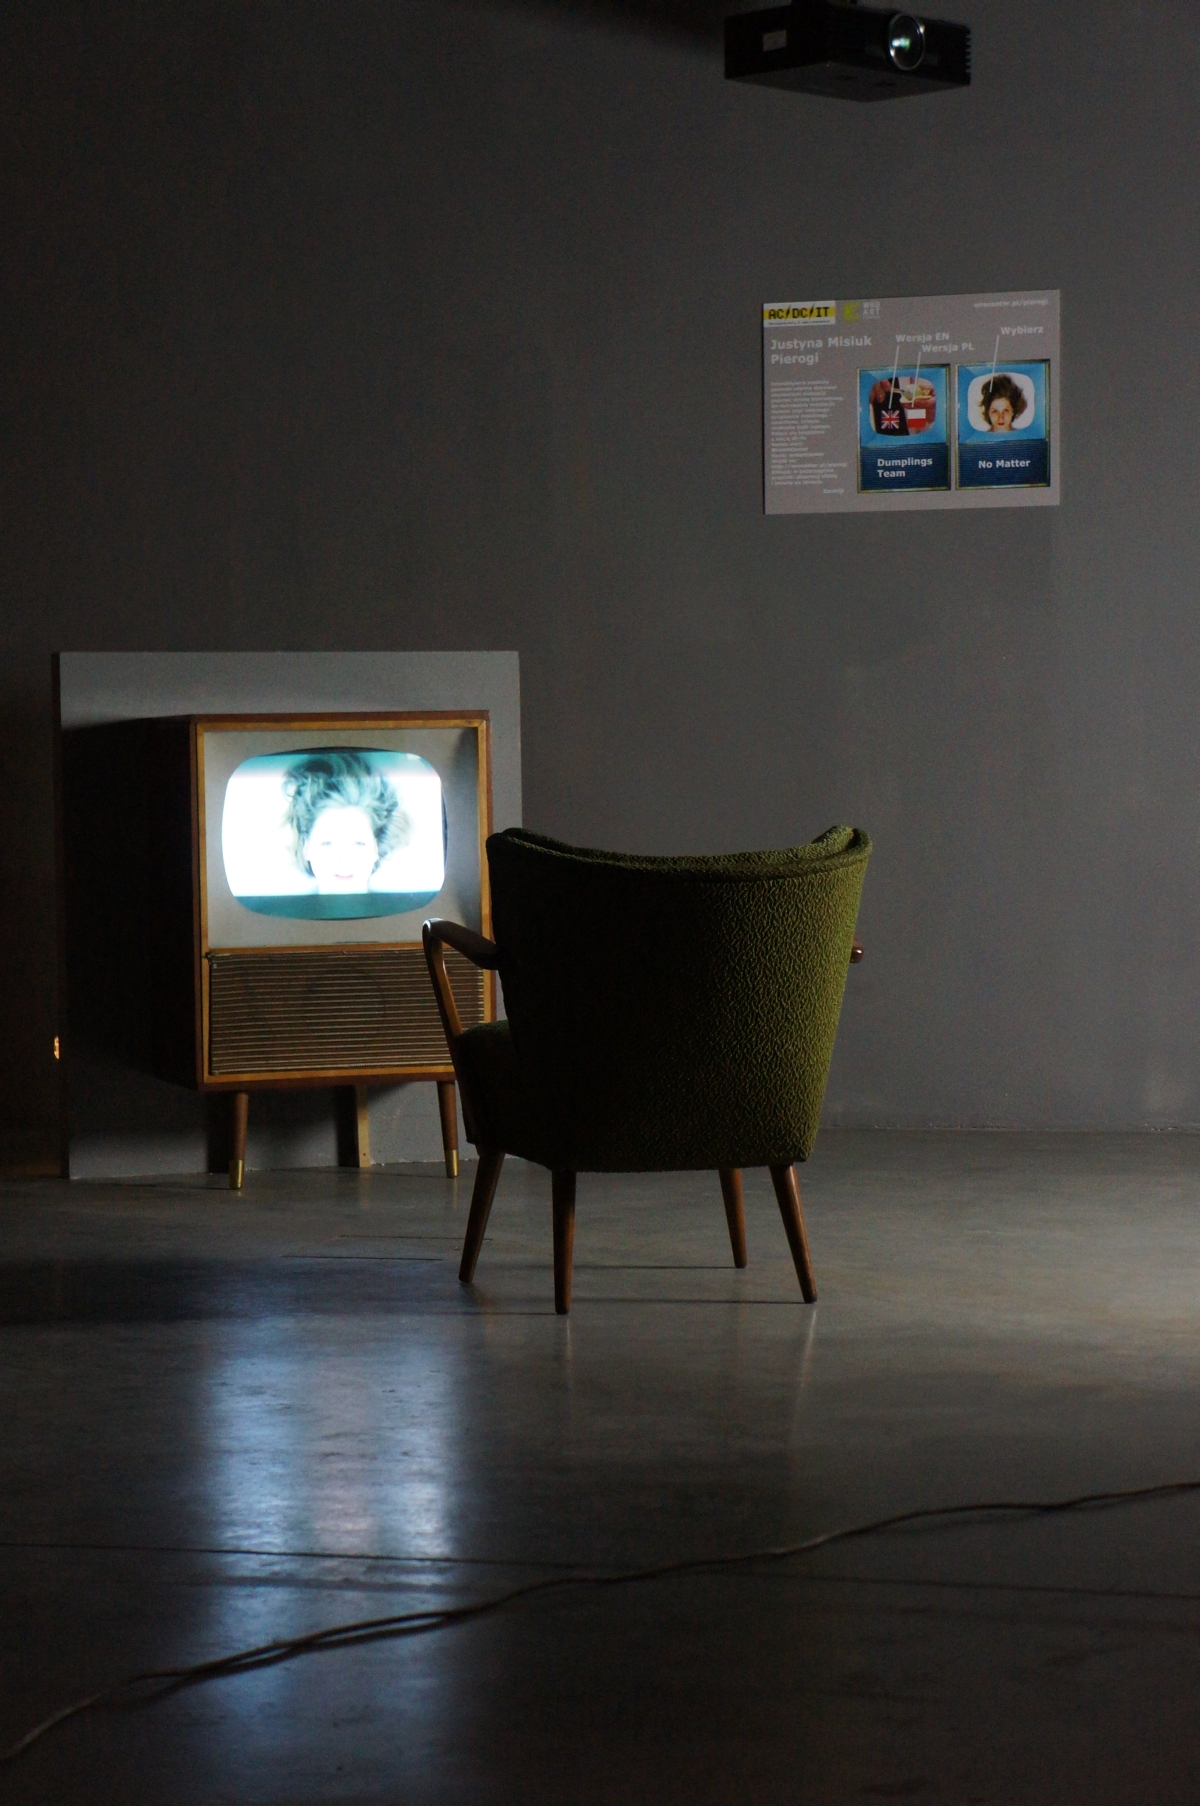 Instalacja Justyny Misiuk Pierogi https://ownetic.com/wydarzenia/wp-content/uploads/2011/12. Zmienne-Stałe-Błądzące. AC/DC/IT, wystawa WRO Art Center, fot. WRO